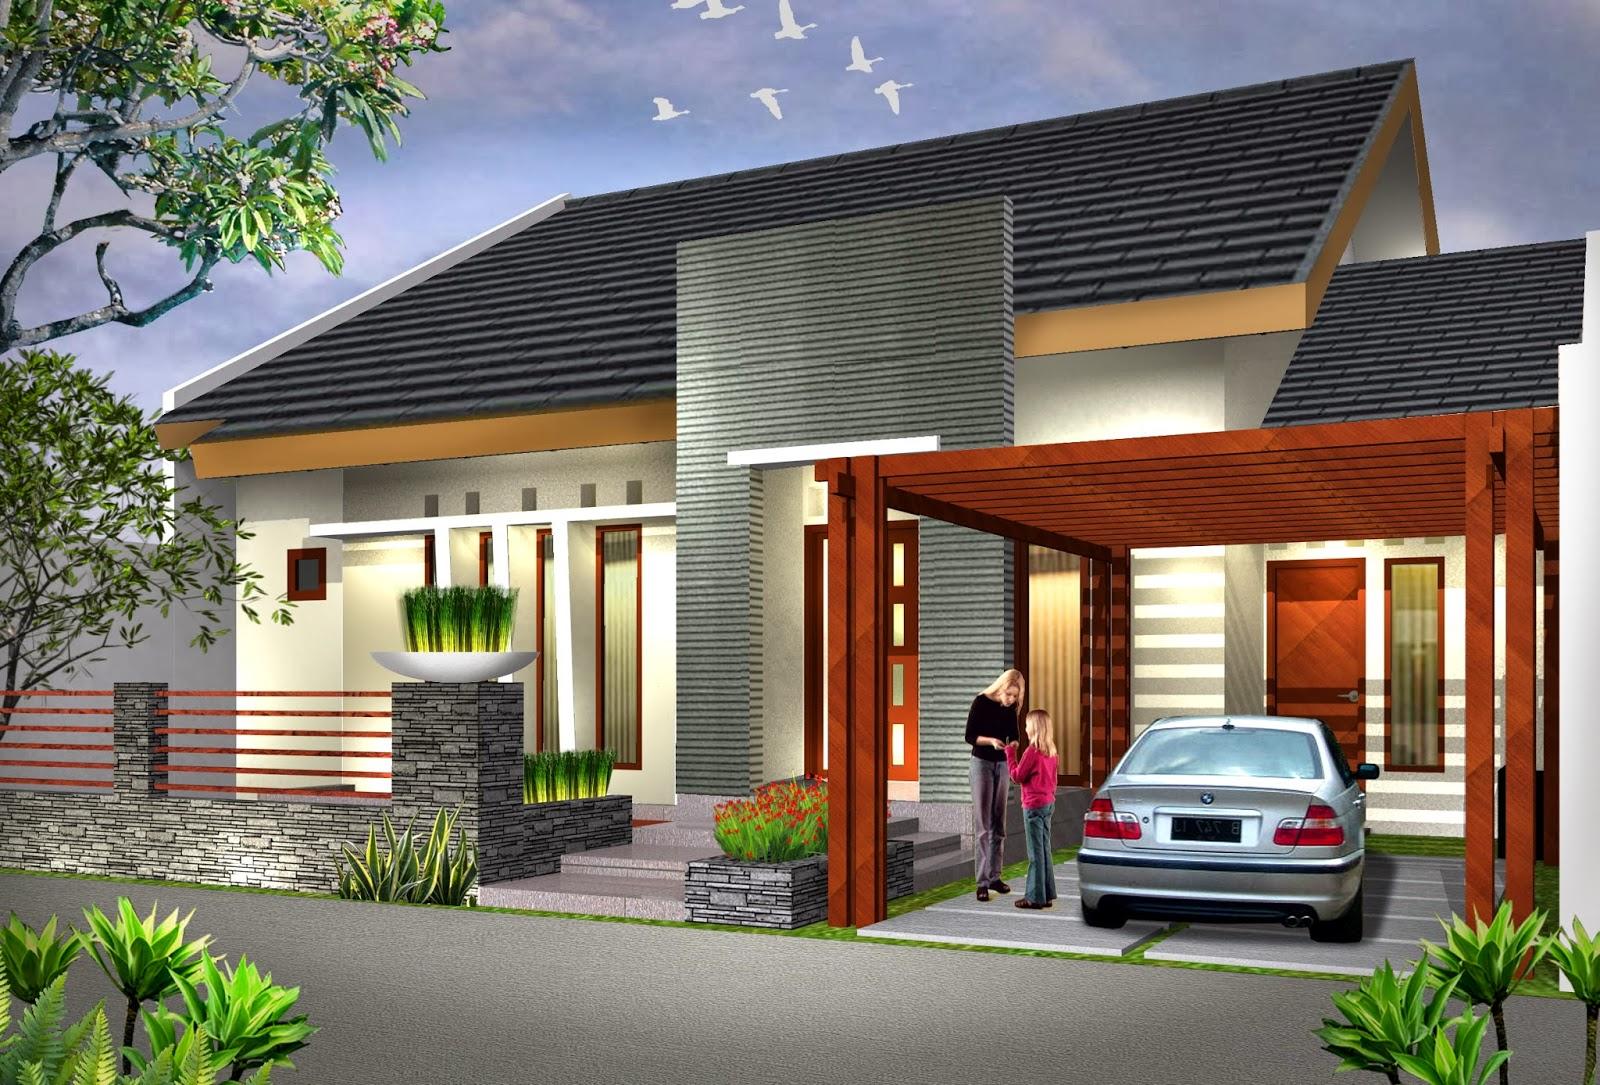 Rumah Yang Menarik  Desain Denah Rumah Minimalis  Desain Denah Rumah